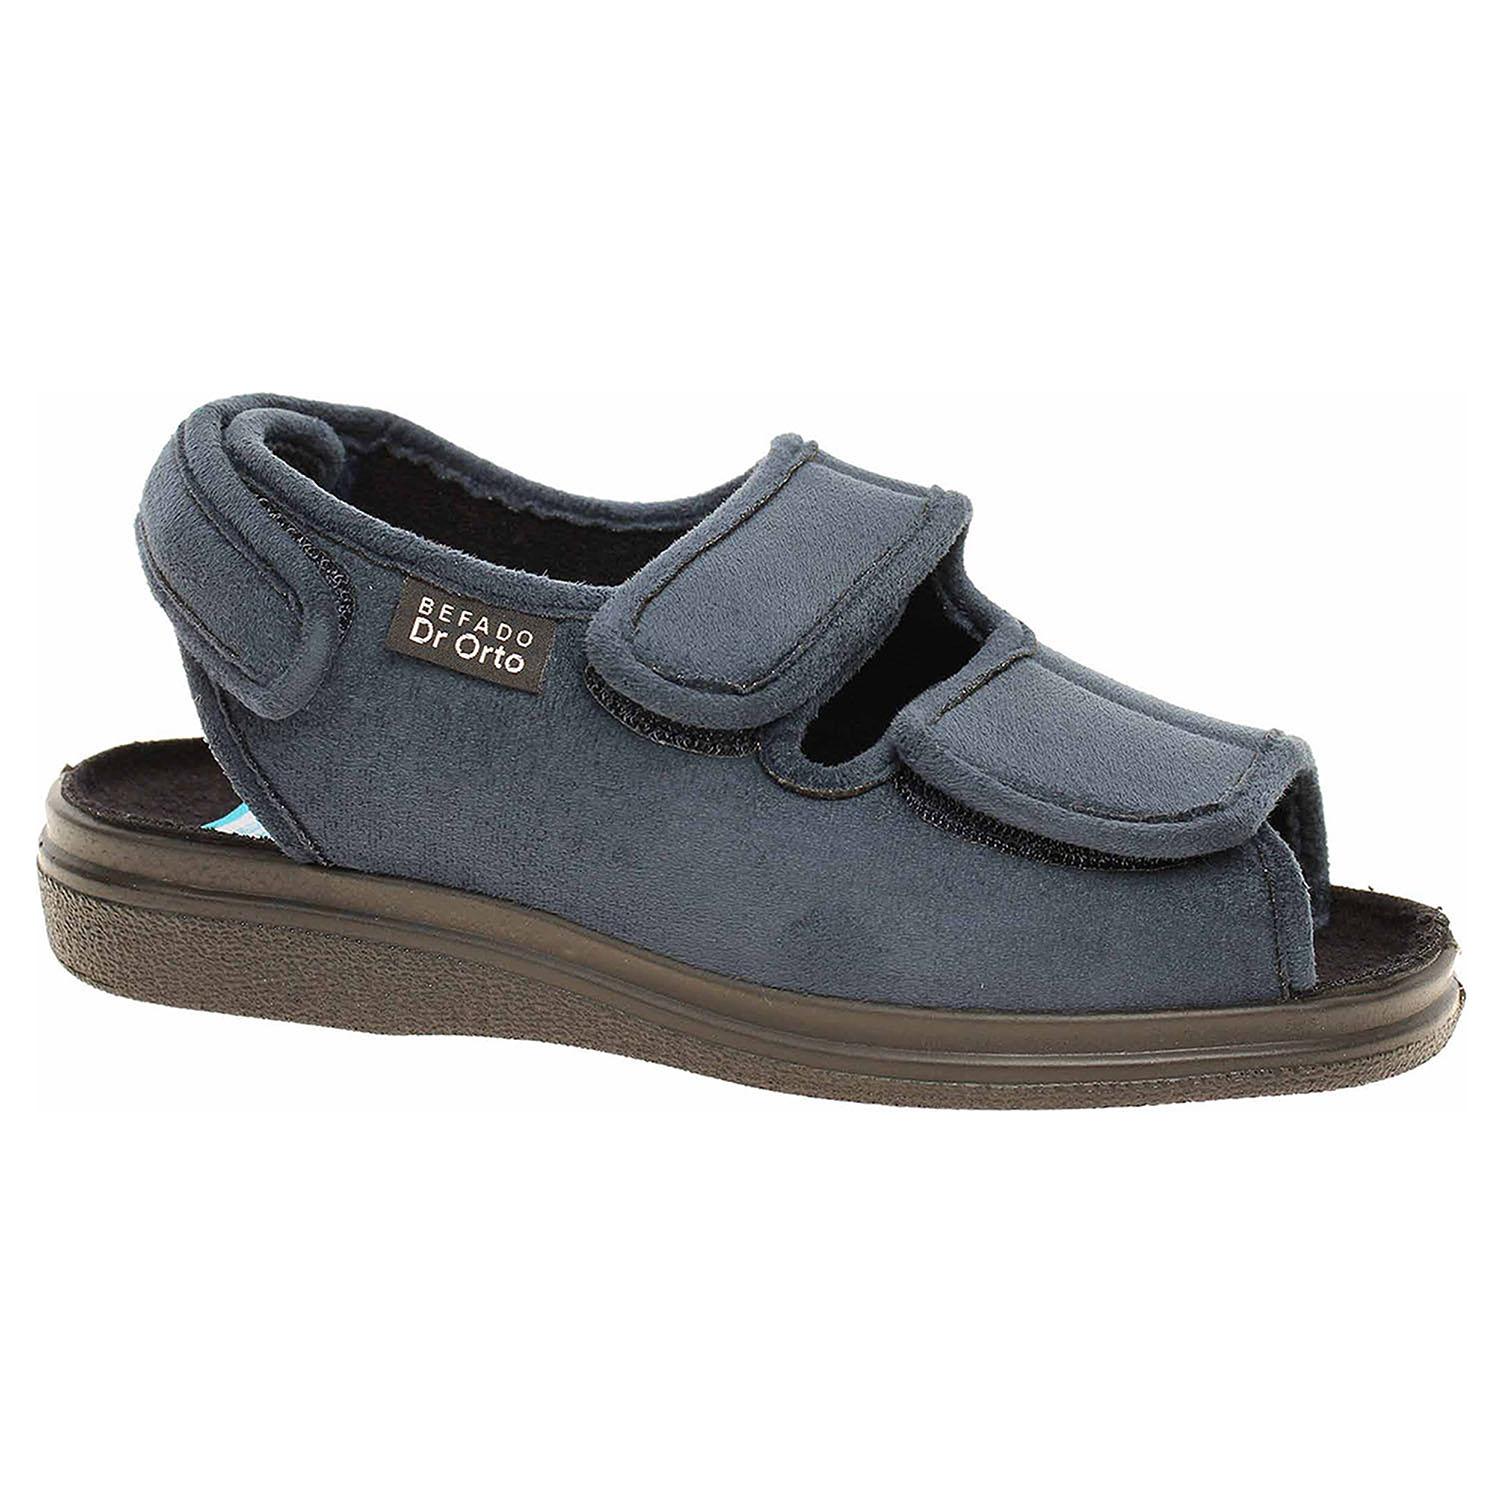 Ecco Domácí obuv Befado 676D003 modrá 23500318